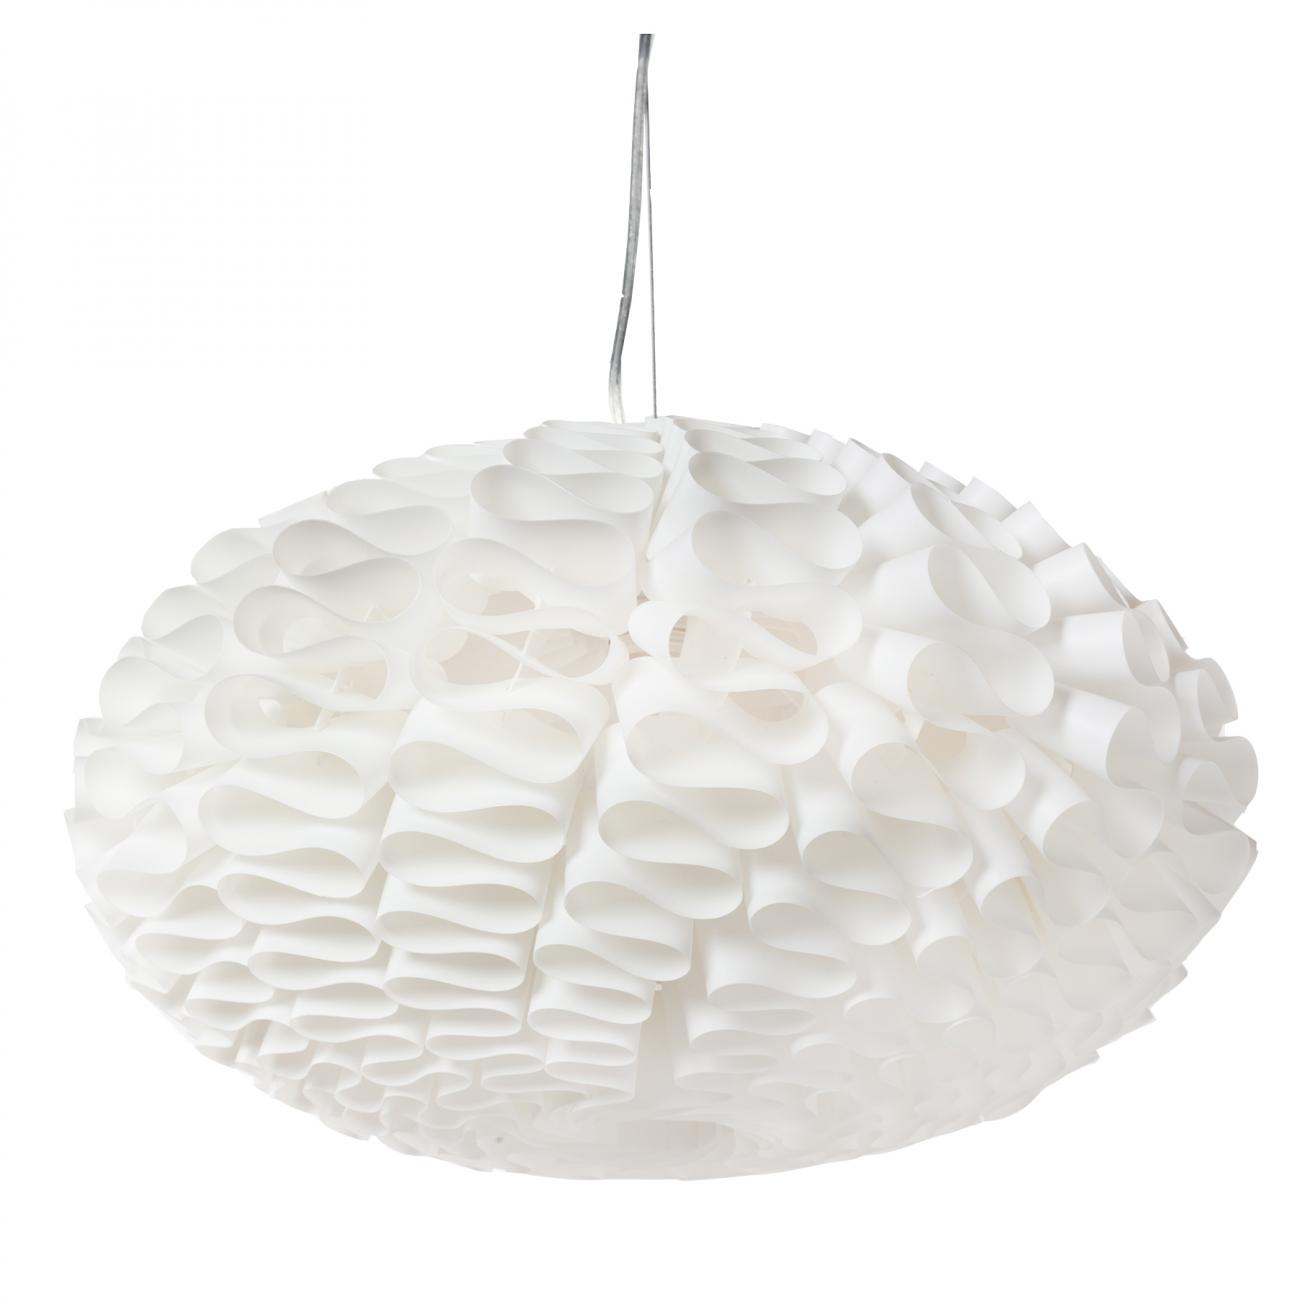 Купить Люстра Artiche в интернет магазине дизайнерской мебели и аксессуаров для дома и дачи